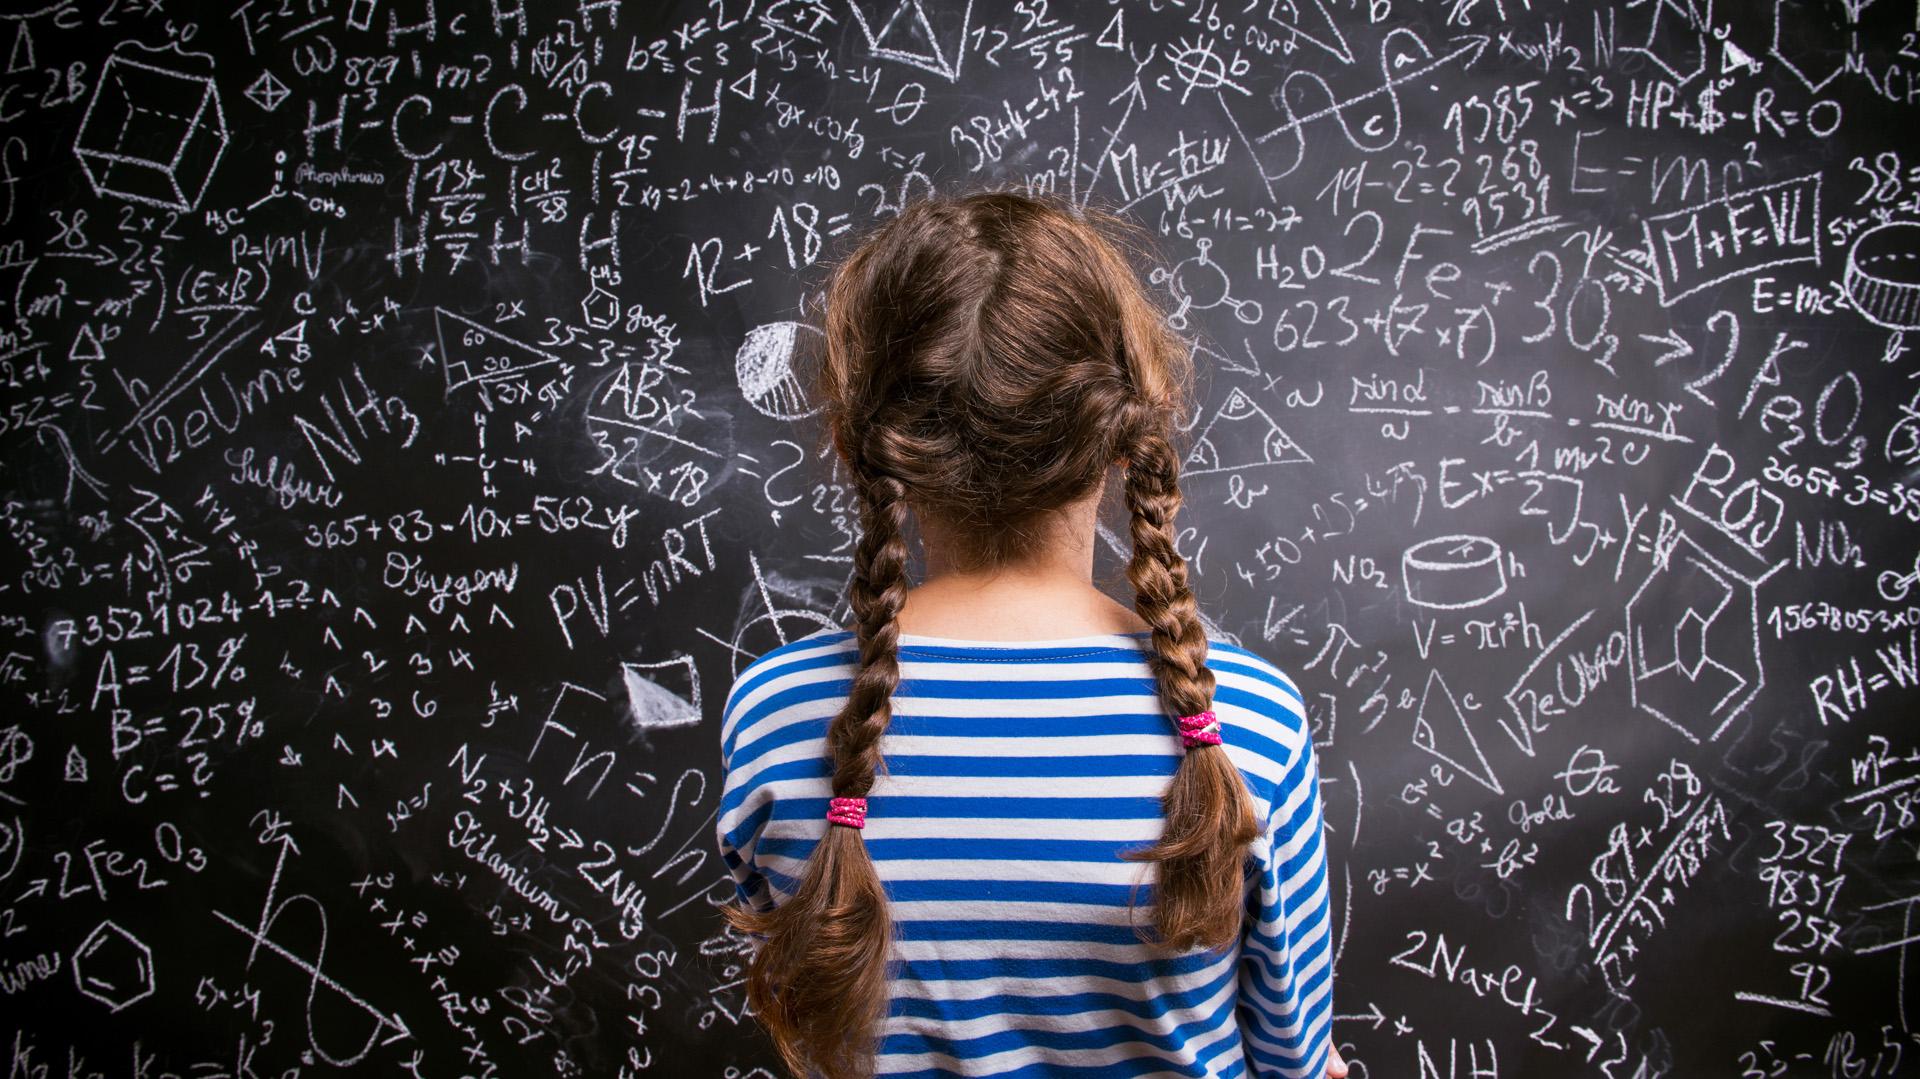 Aunque tienen la misma capacidad que los niños para las matemáticas, las niñas terminan por creer que no es así. Eso afecta sus posibilidades de desarrollar carreras científicas. (Getty)